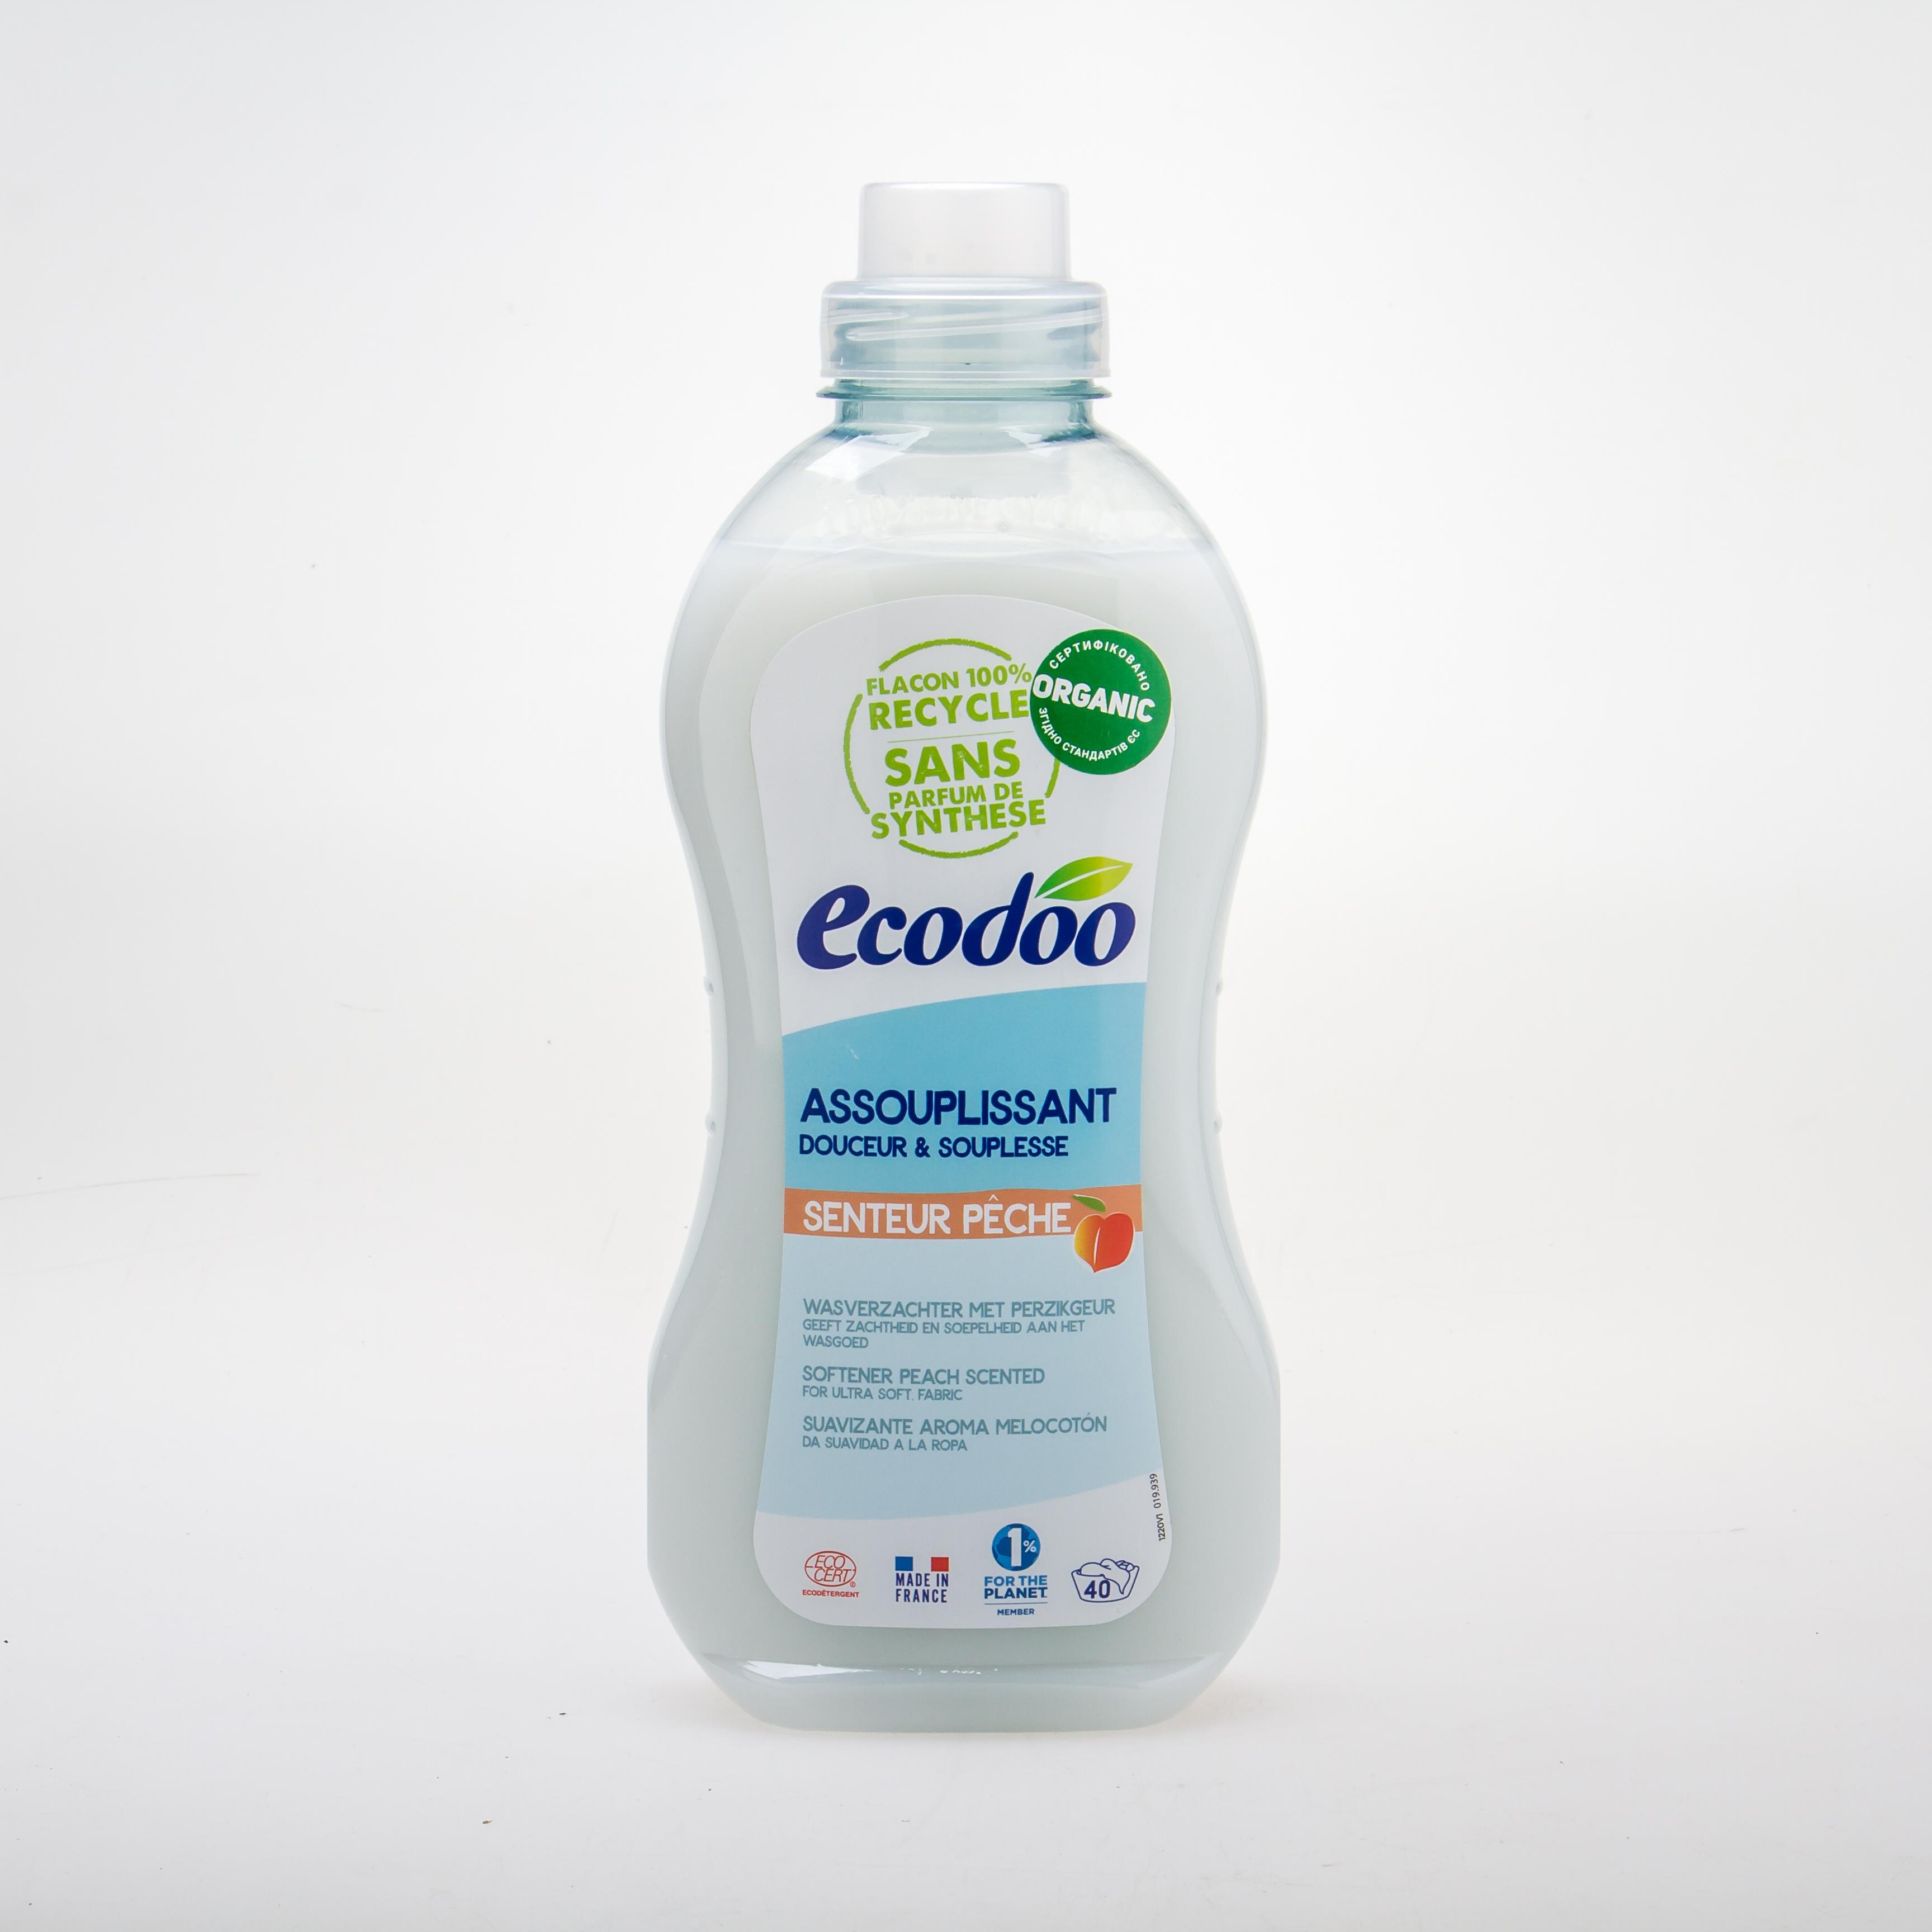 Ecodoo Органічний кондиціонер для білизни «Персик» 1L - купить в интернет-магазине Юнимед